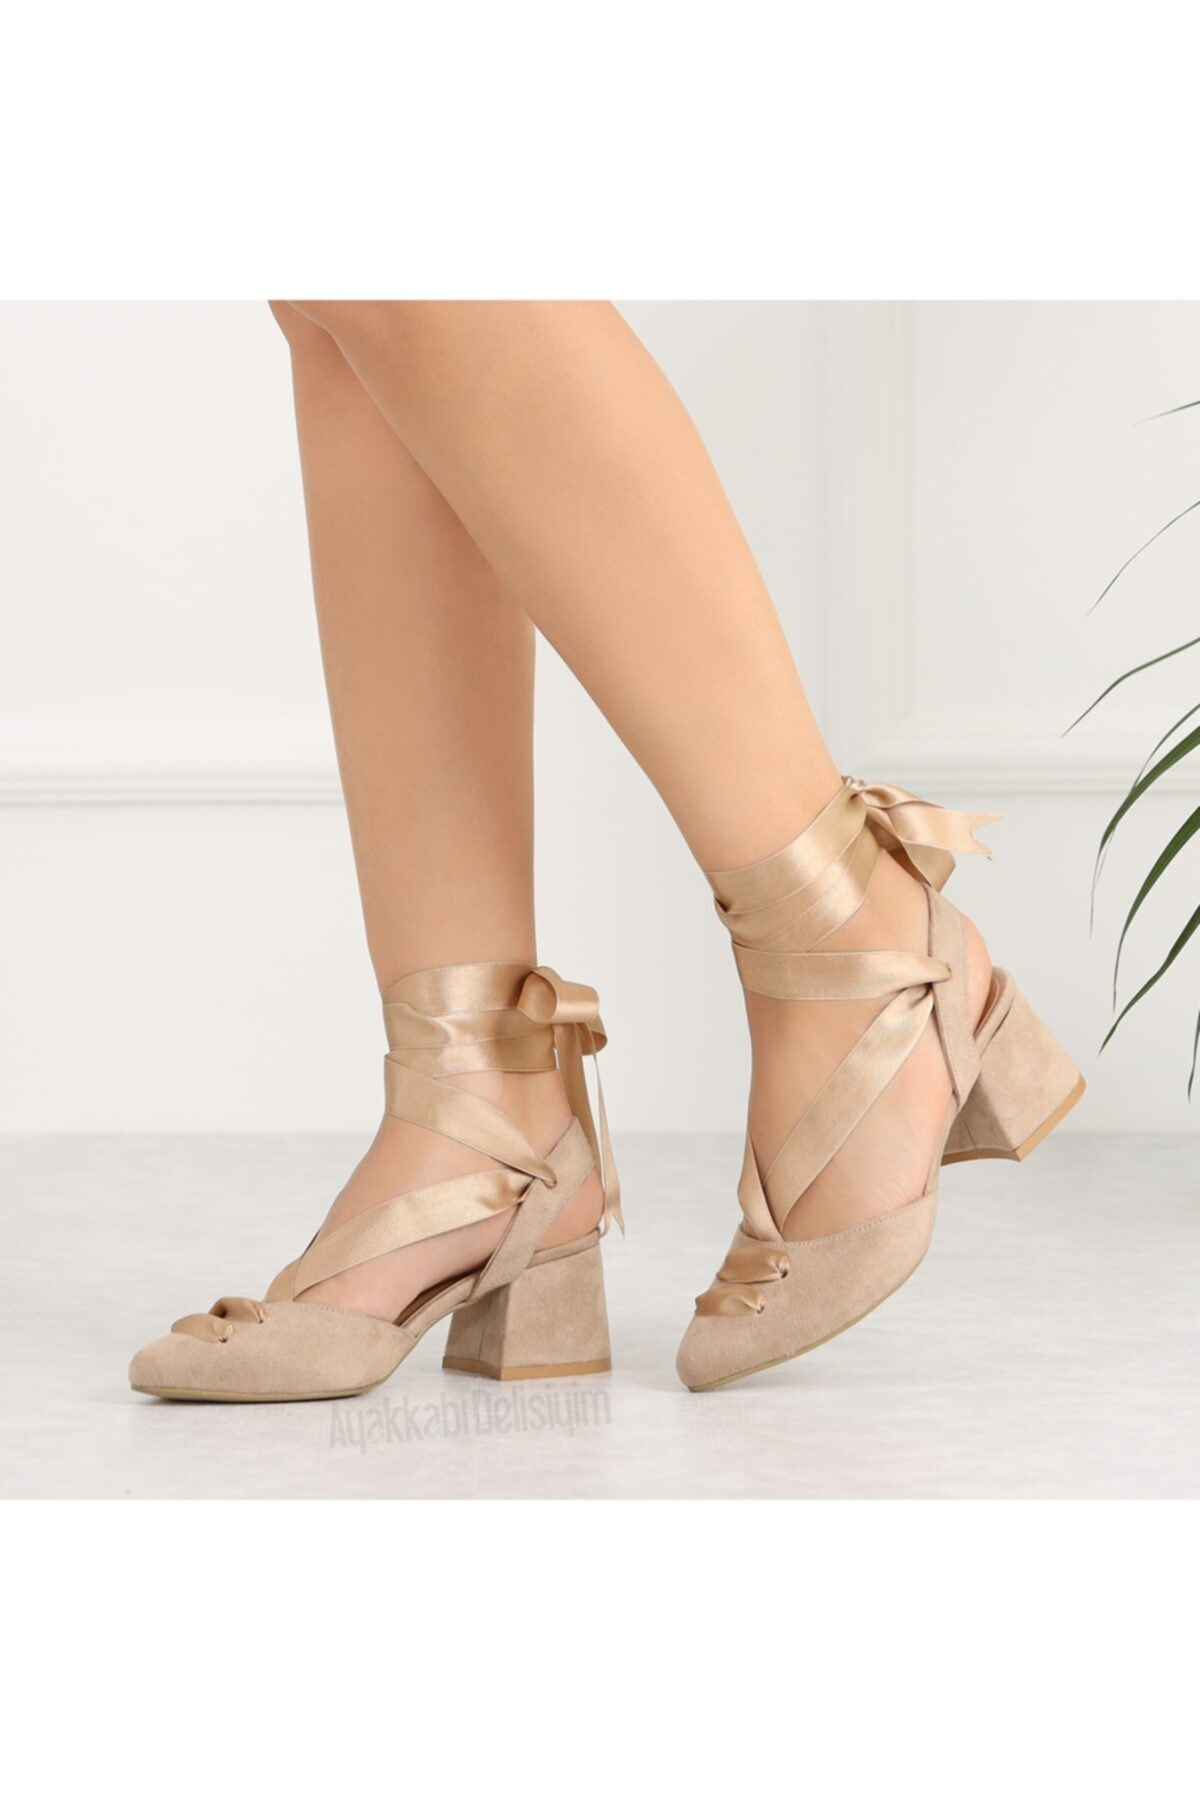 Ayakkabı Delisiyim Lopera Bej Süet Bağlamalı Kısa Topuklu Kadın Ayakkabı 2